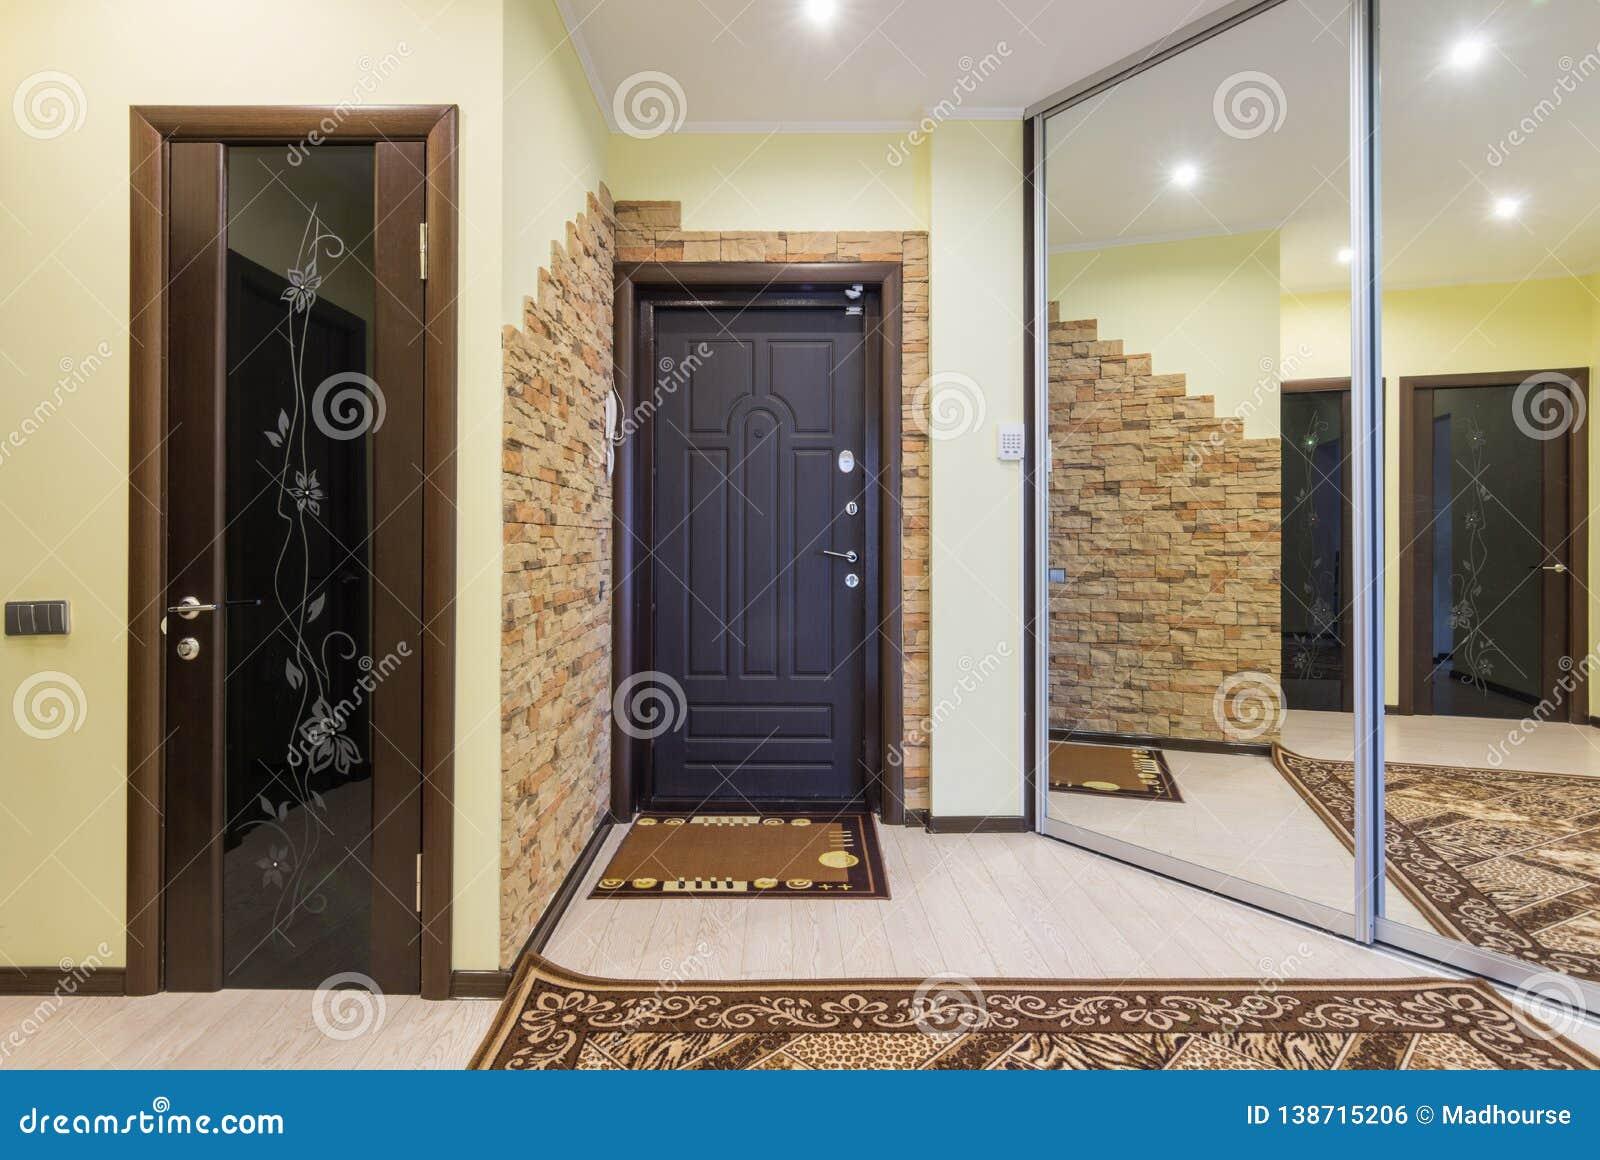 Hall de entrada espacioso en el apartamento con el guardarropa incorporado y los espejos